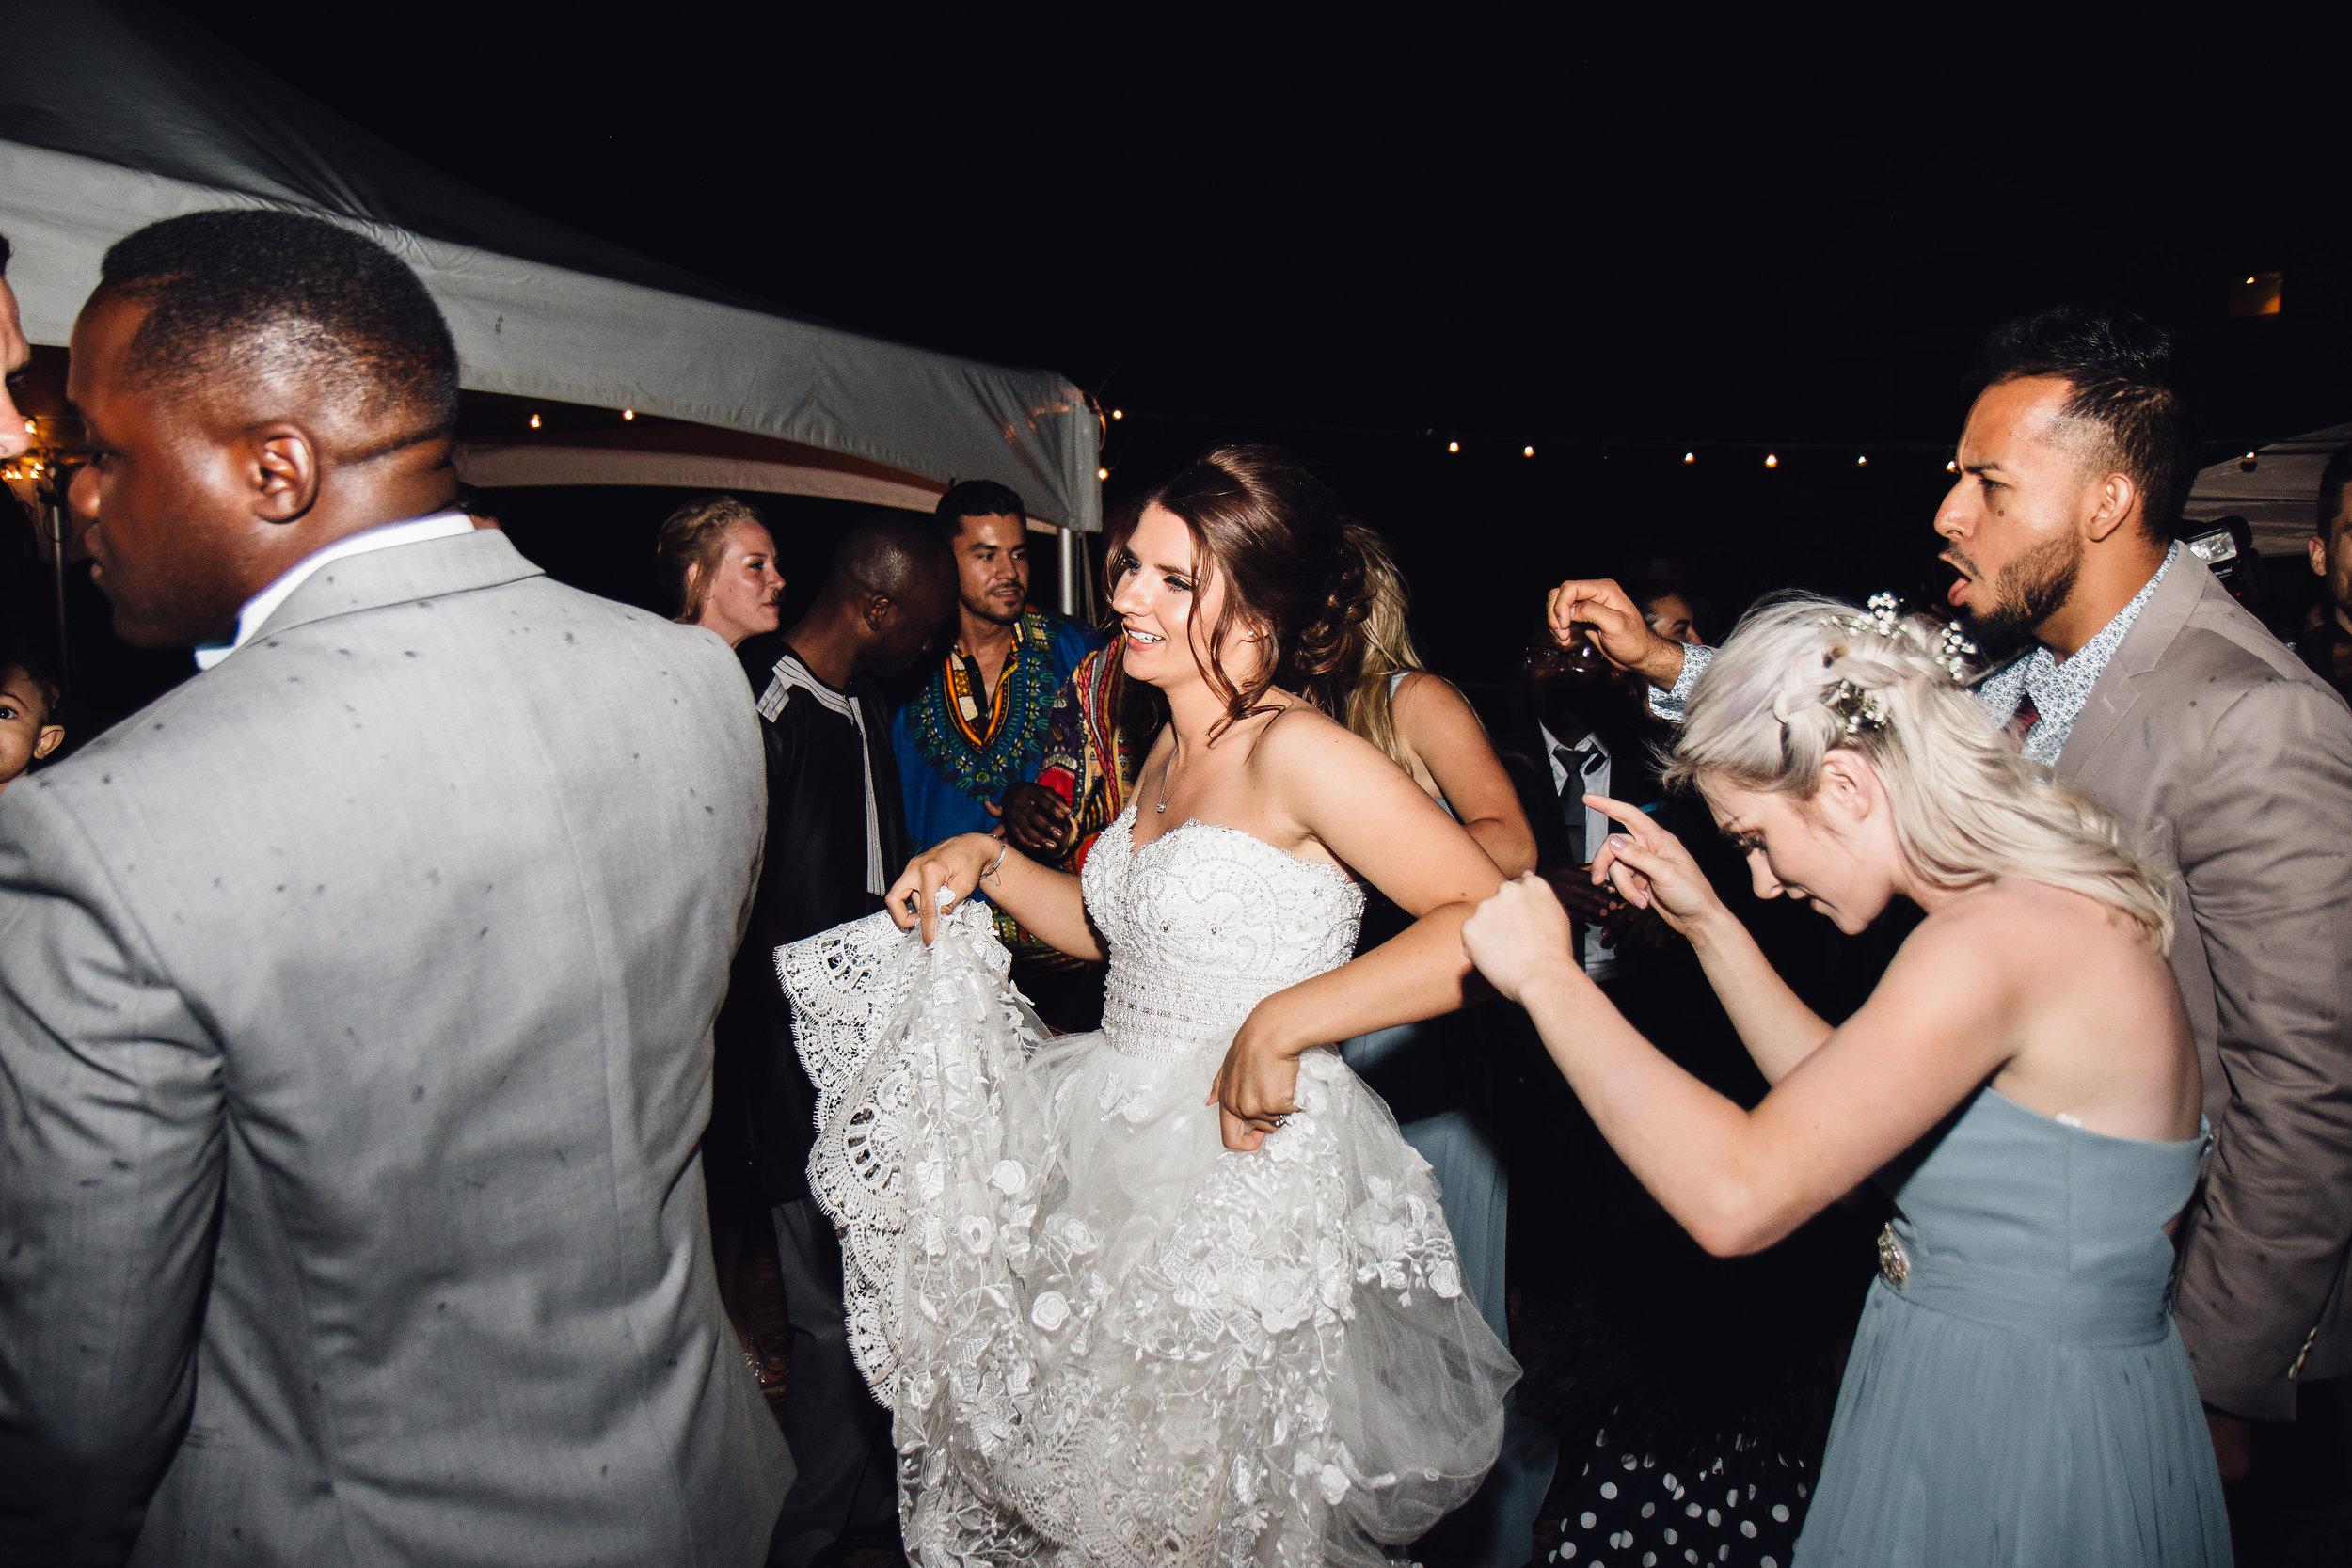 Bi-racial wedding reception in Colorado